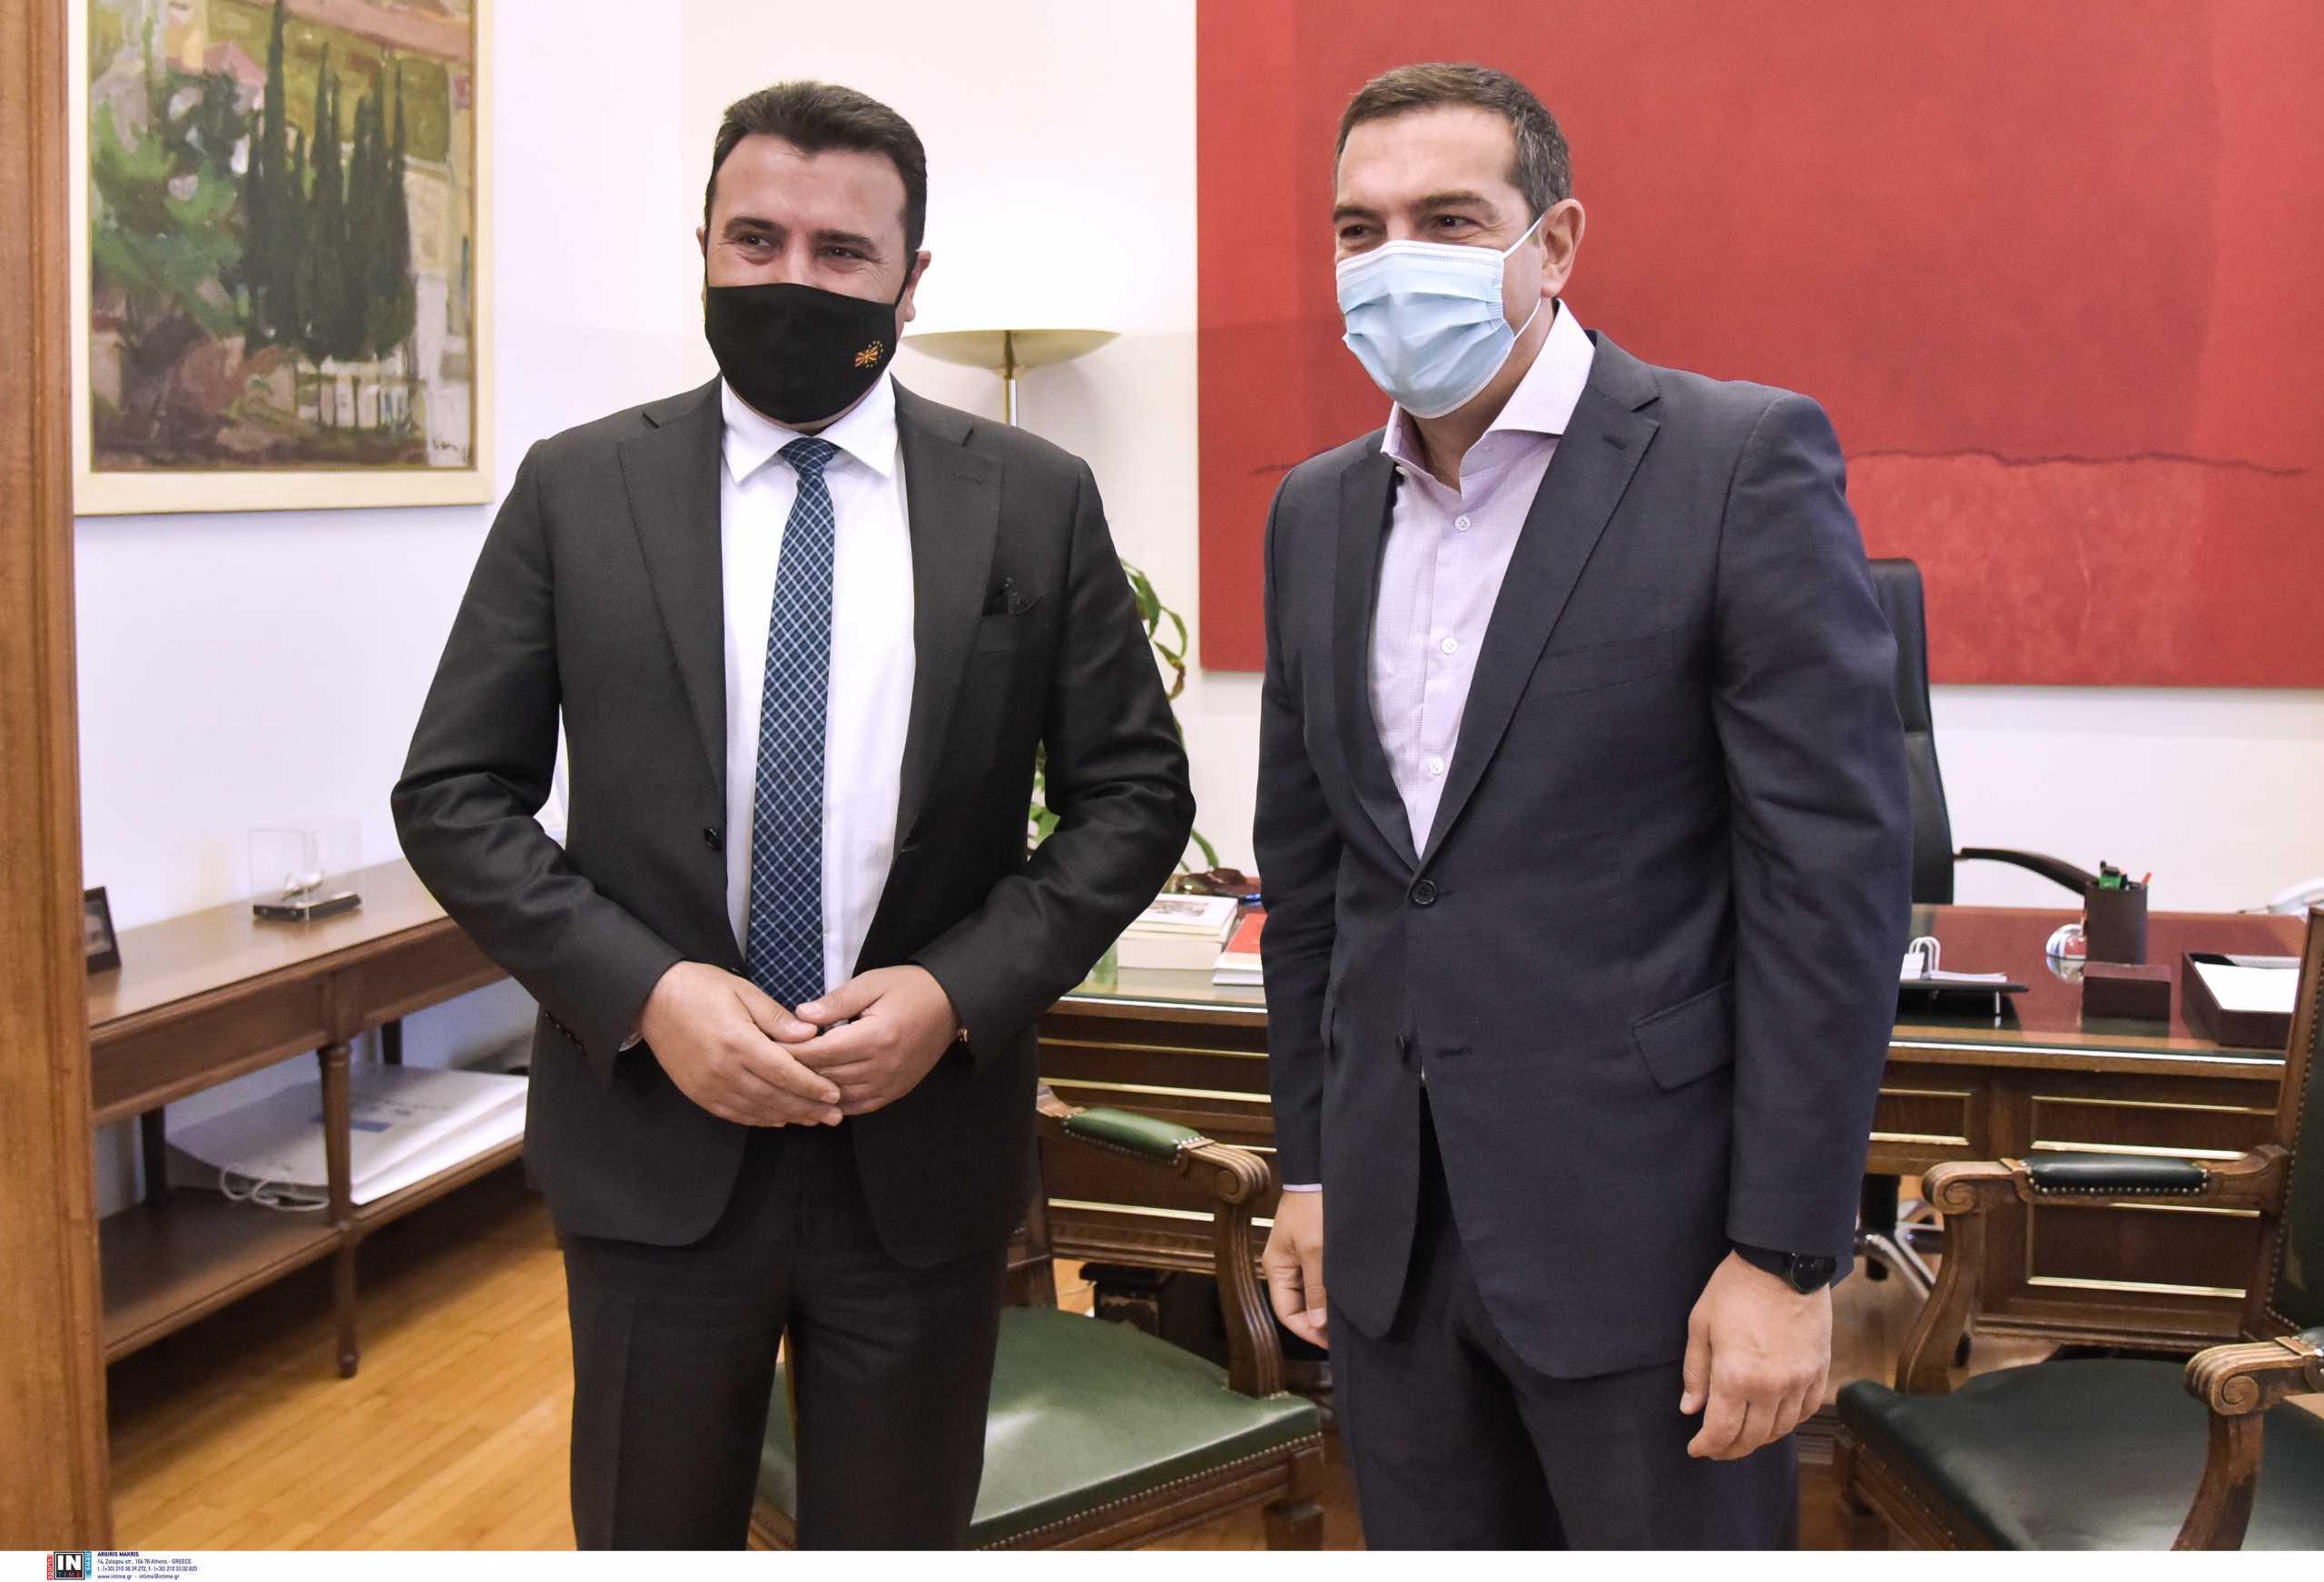 Συνάντηση Τσίπρα με Ζάεφ: «Όσοι μας κατηγορούσαν αντιλαμβάνονται τώρα τη σημασία της Συμφωνίας των Πρεσπών»